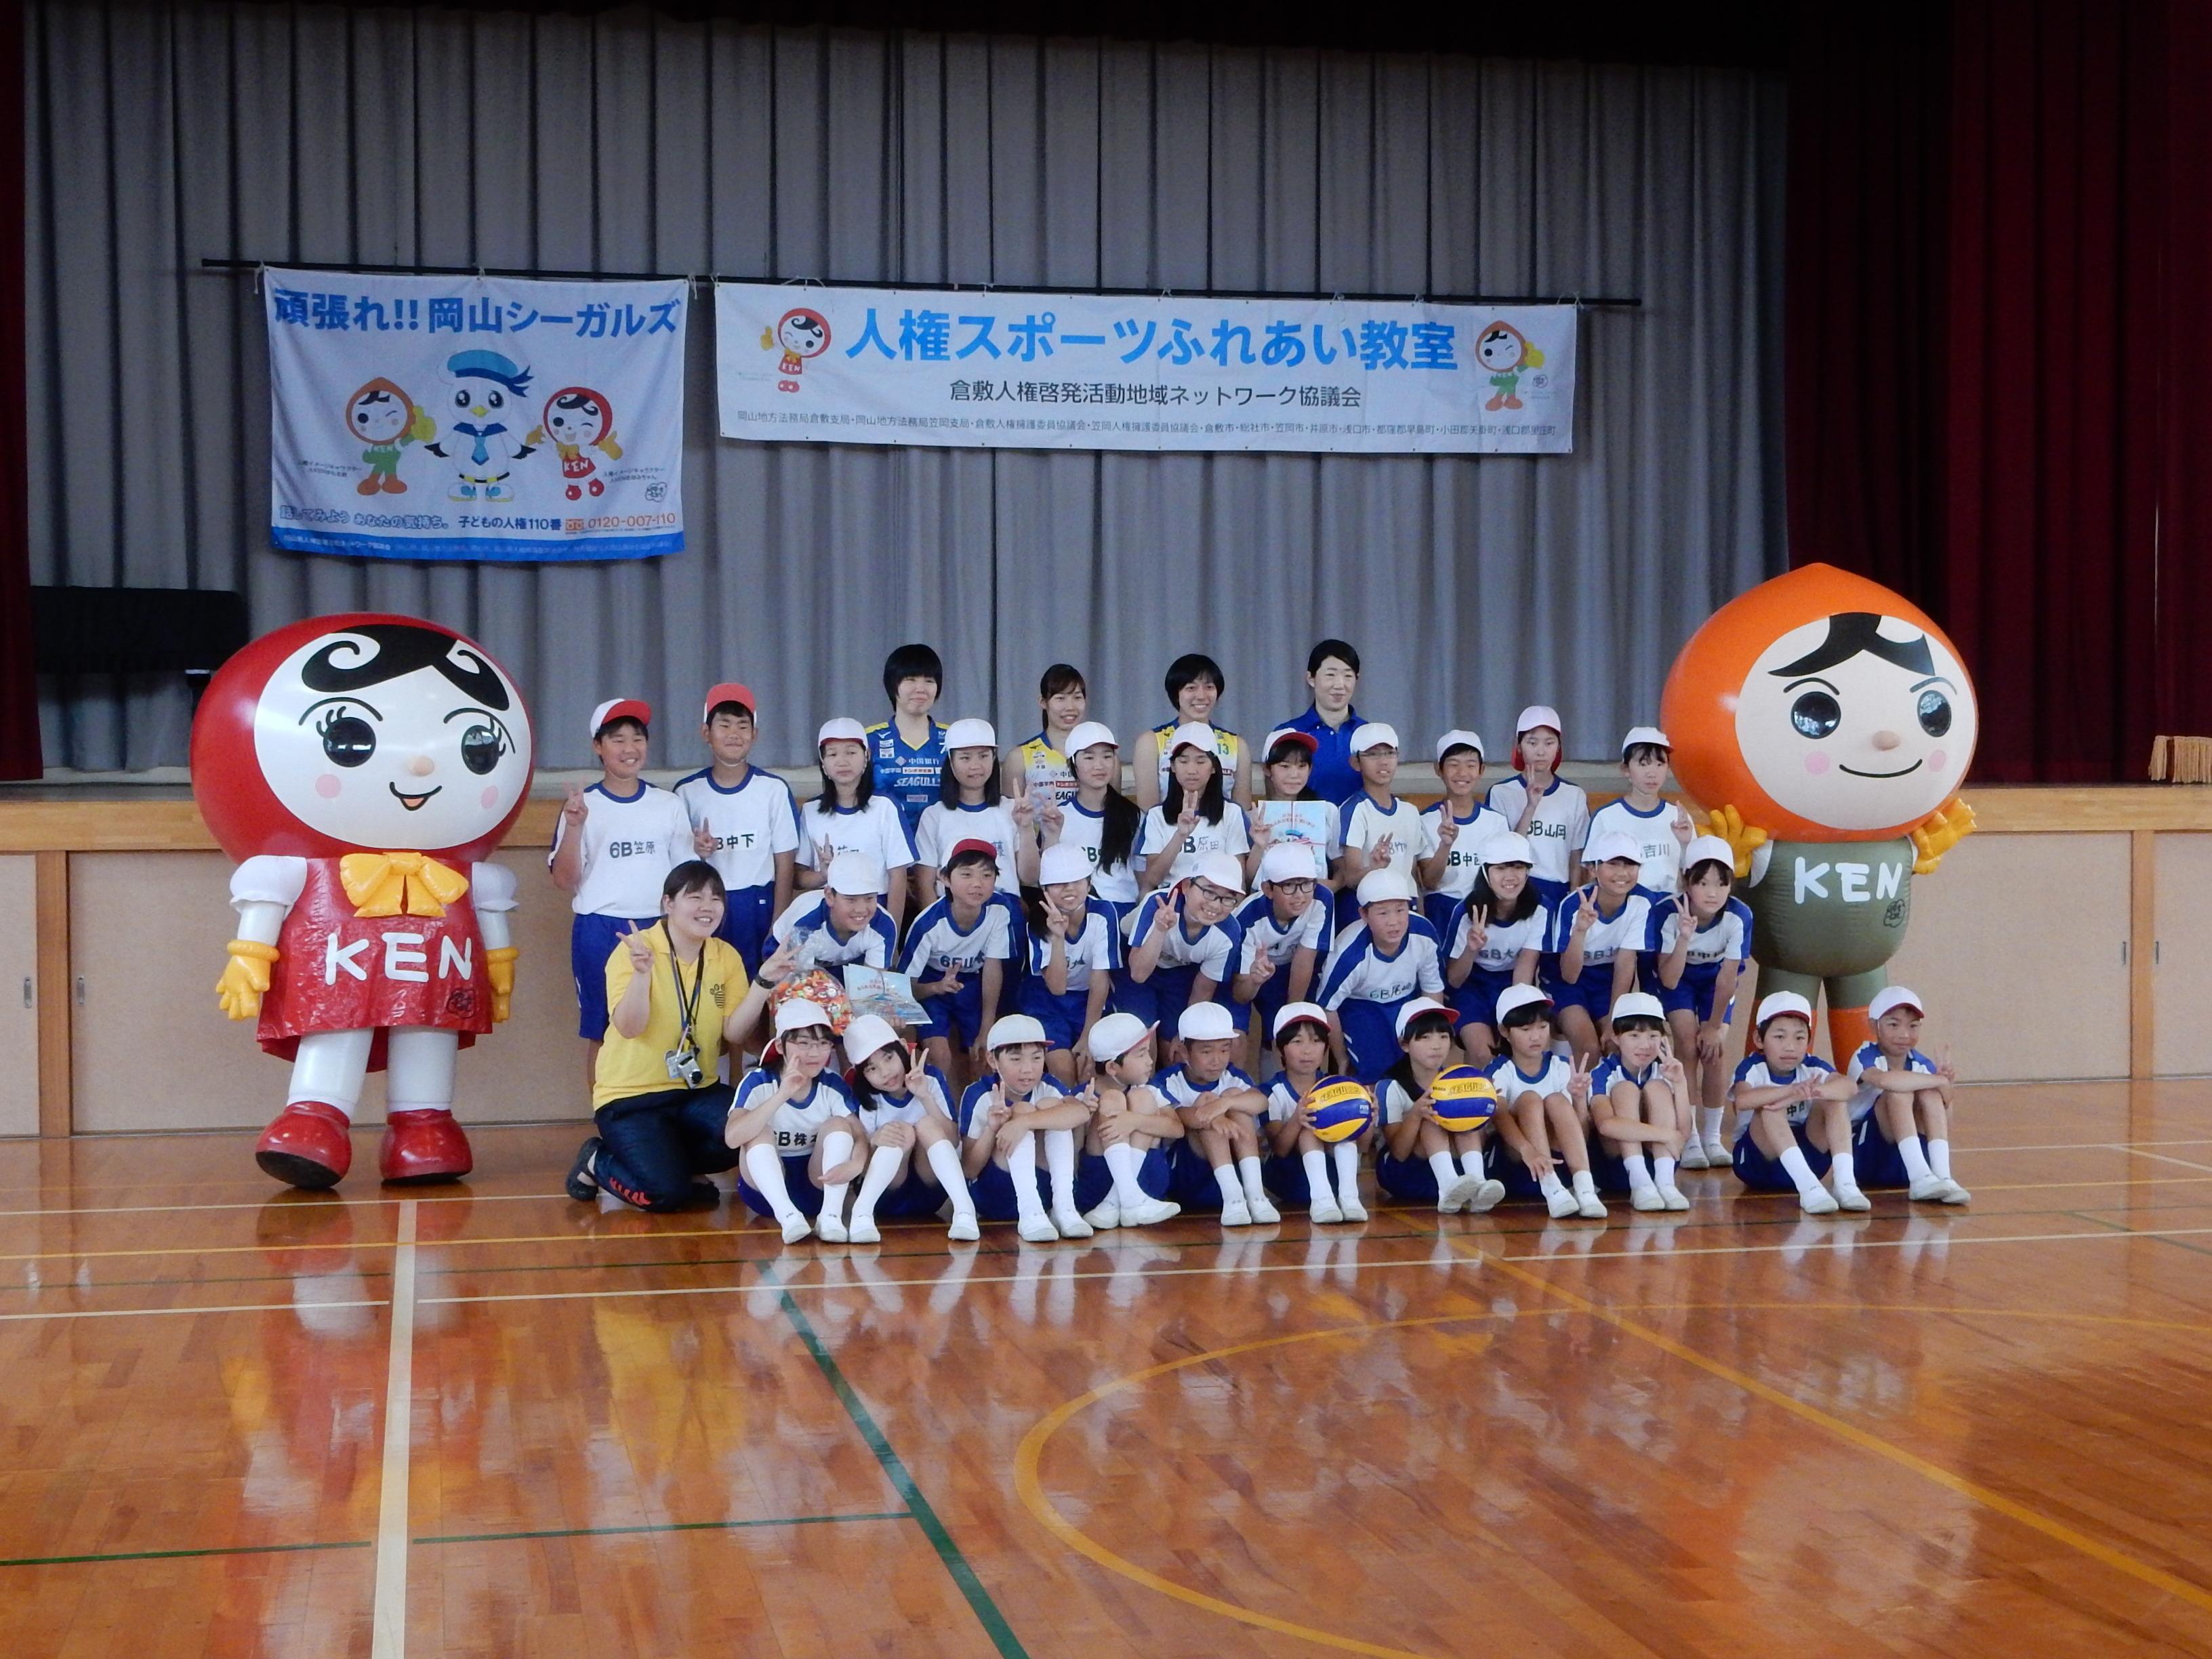 ☆DSCN4700.JPG